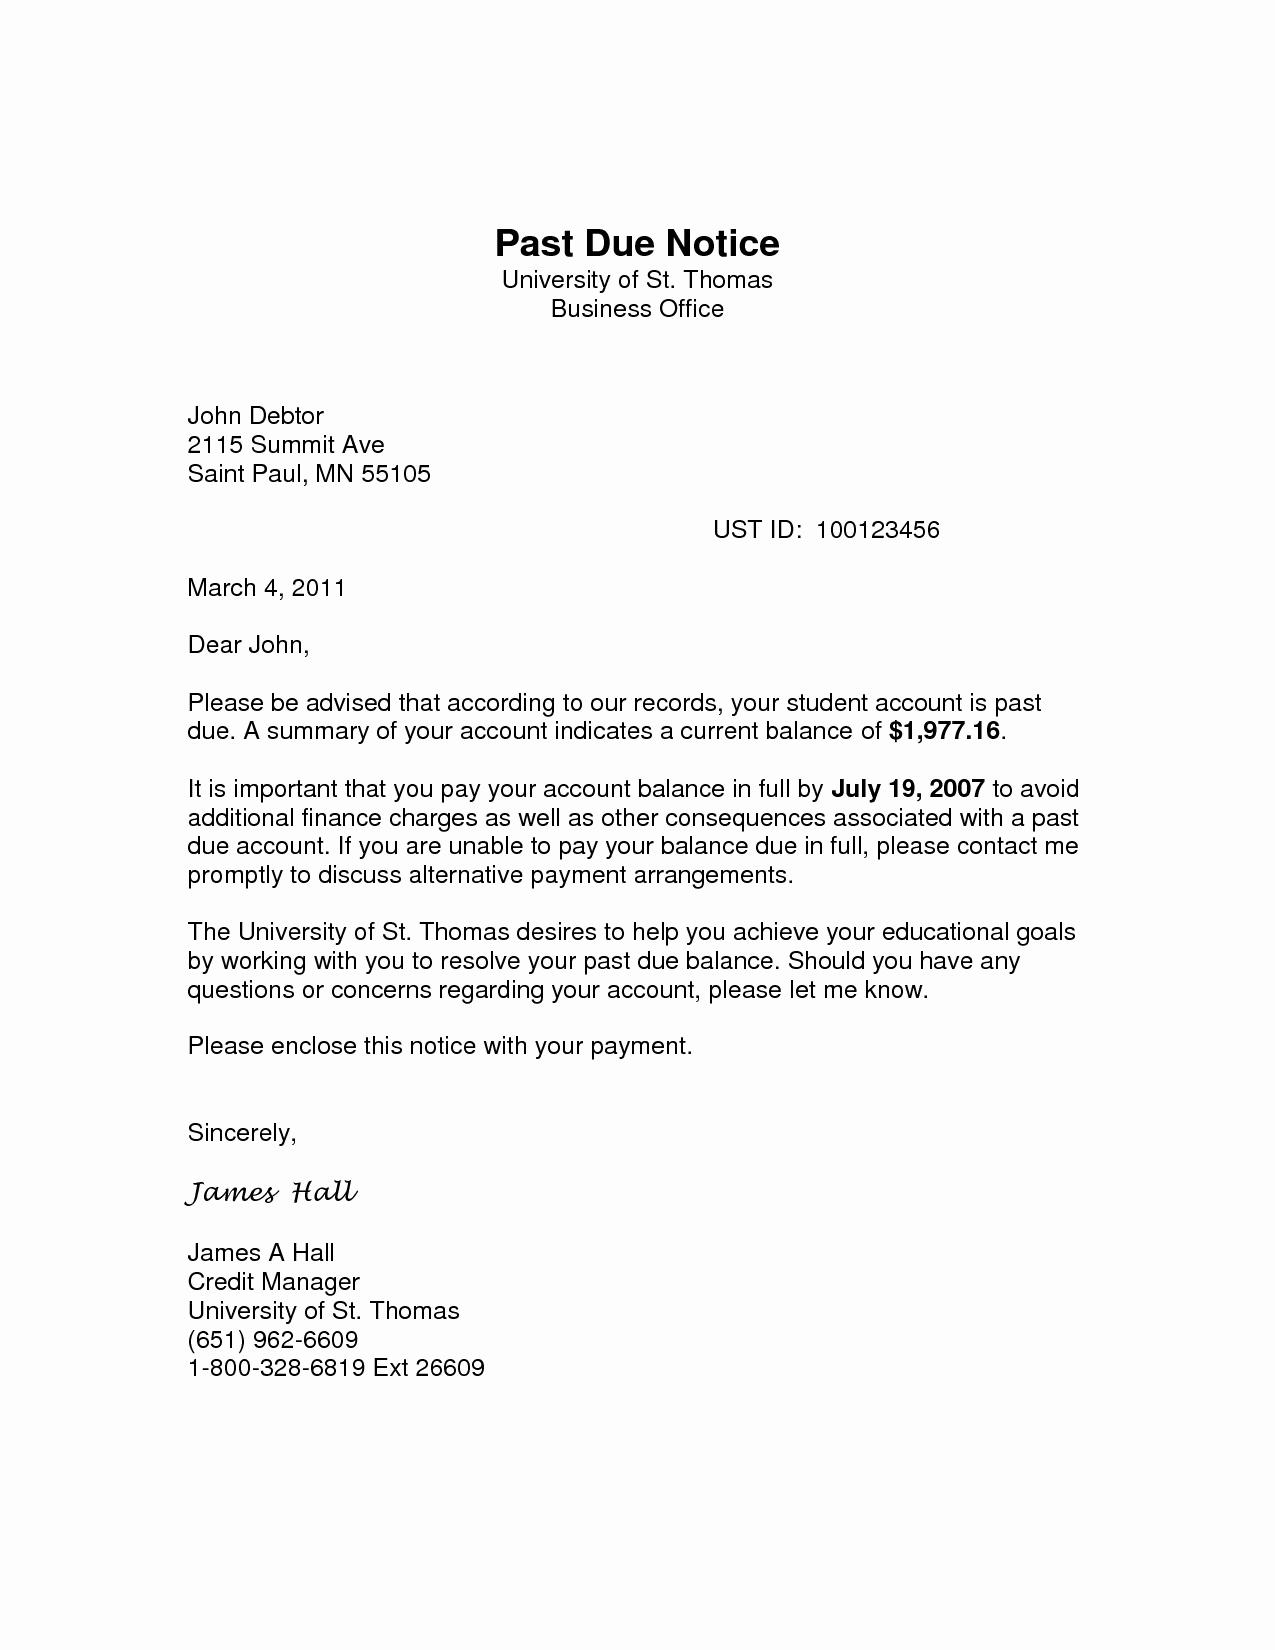 Past Due Rent Notice Template Elegant 28 Past Due Rent Notice Template